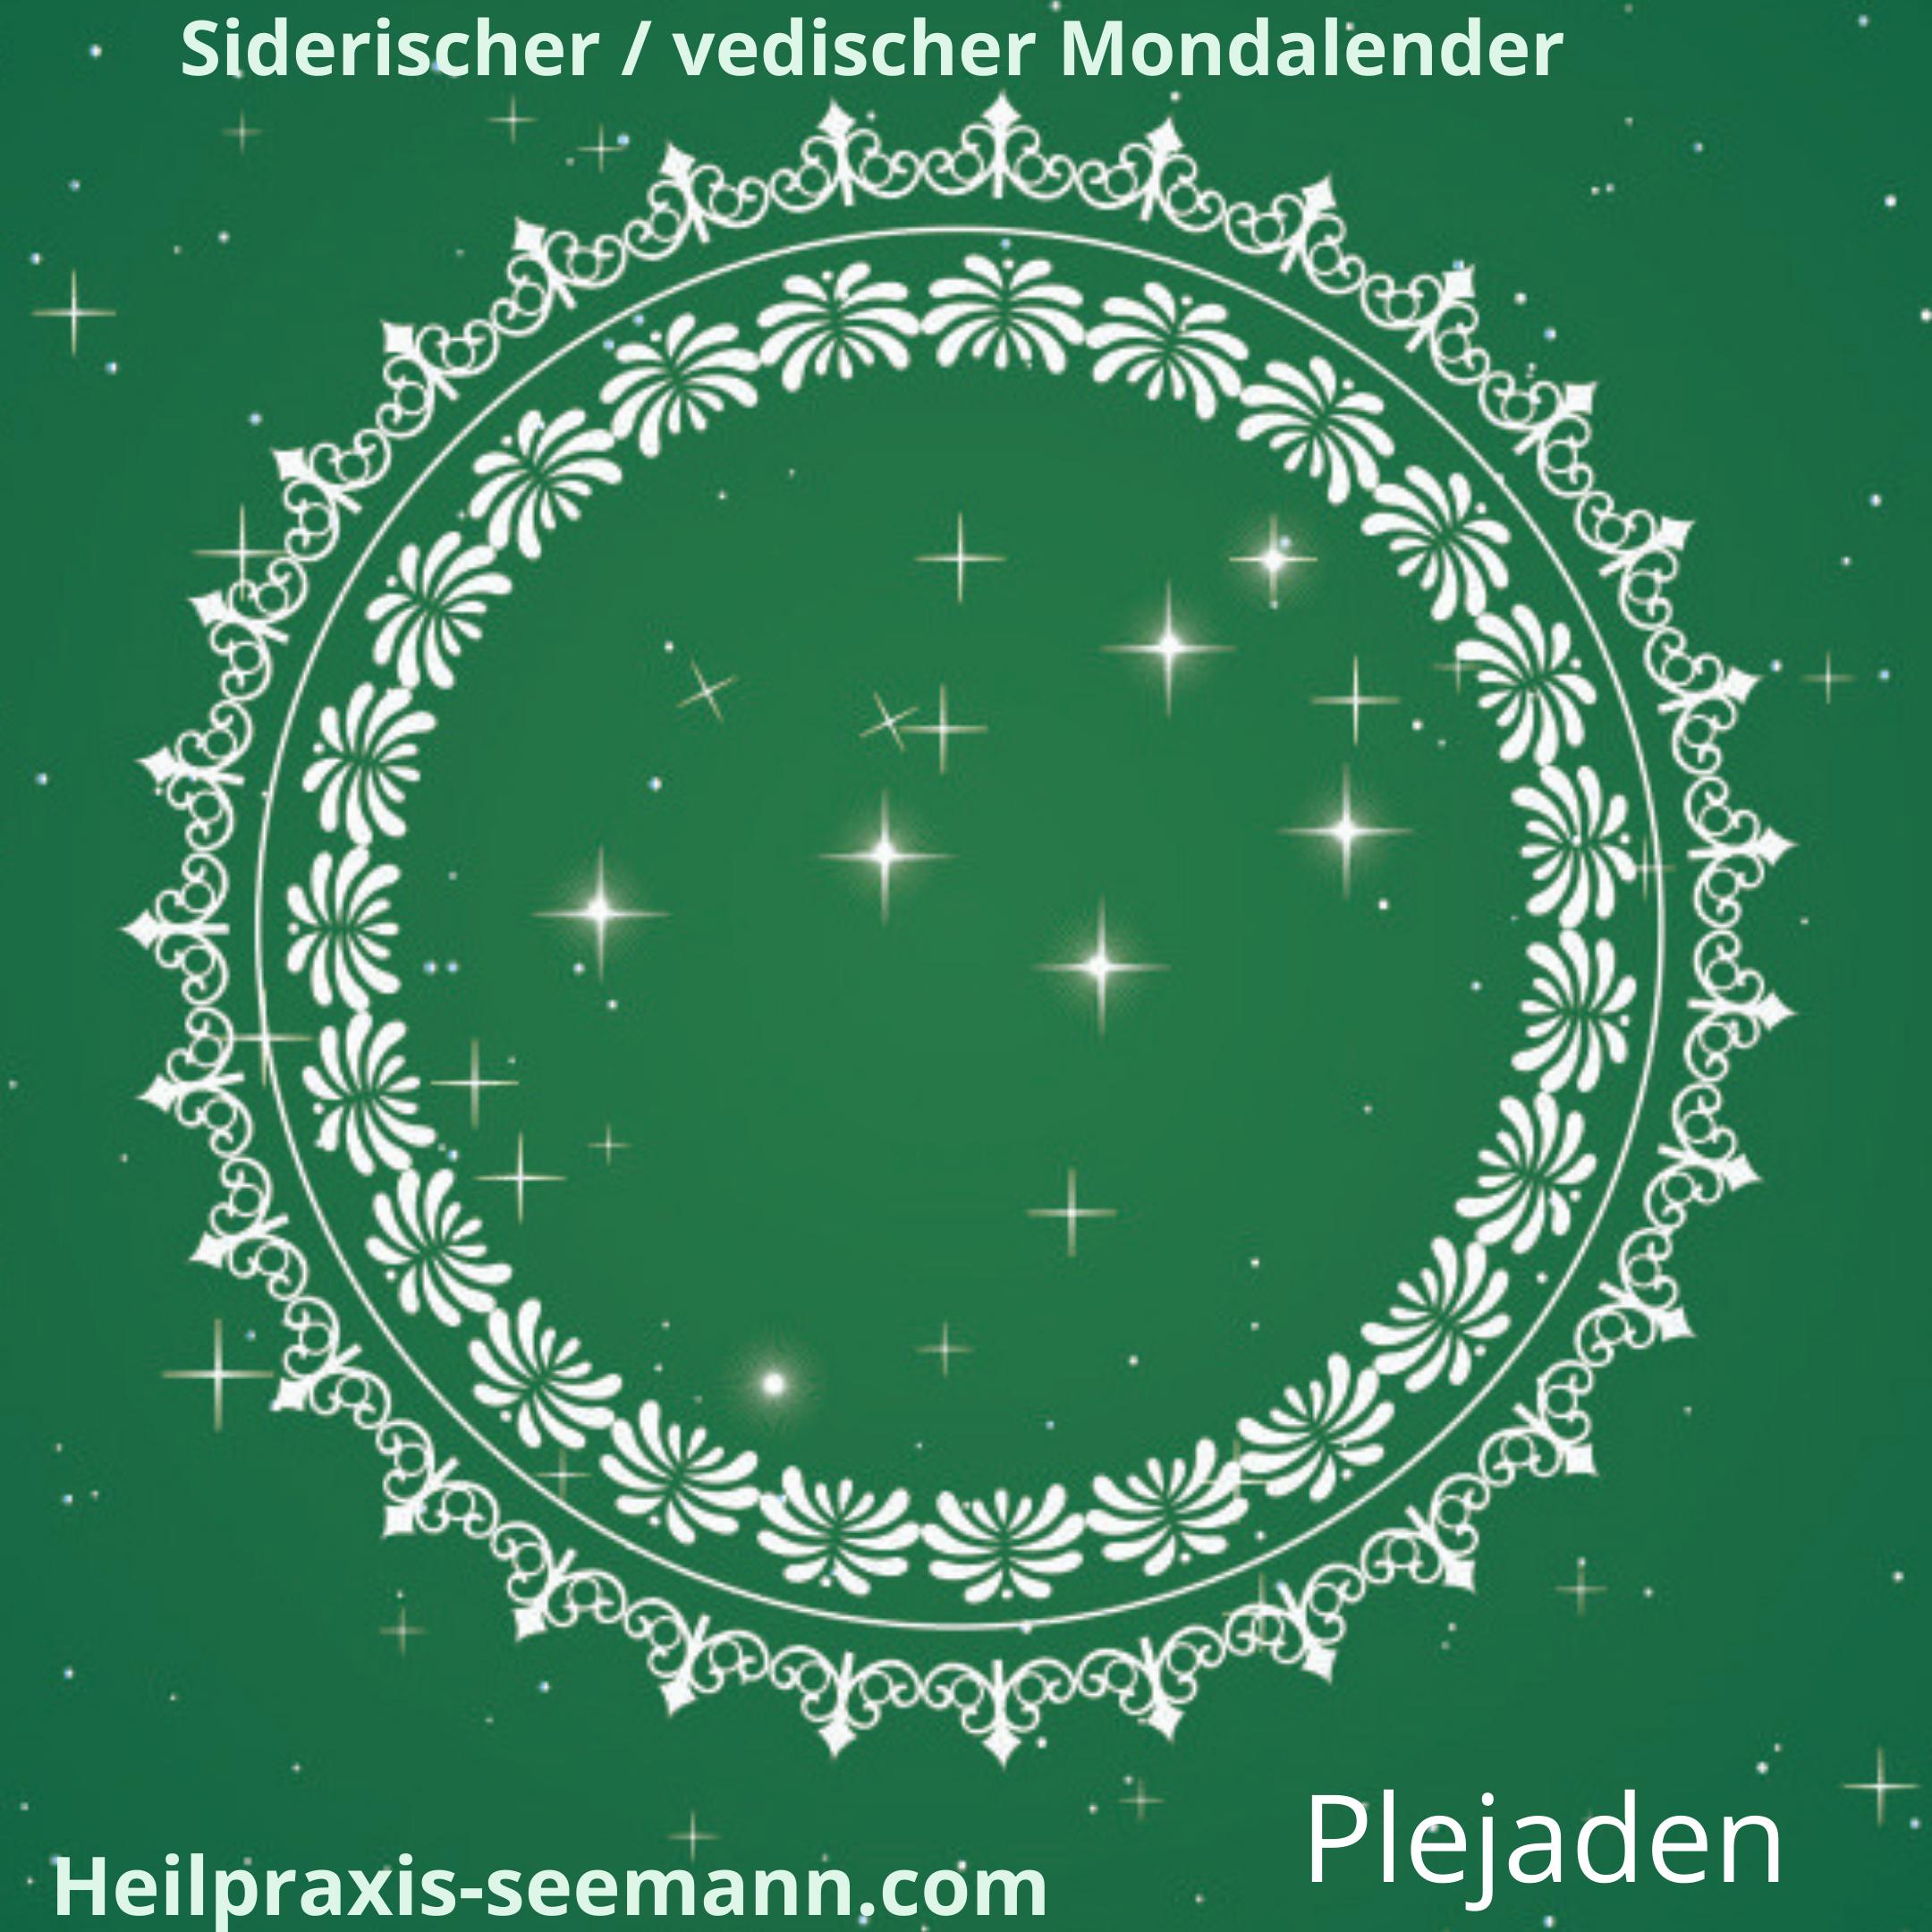 siderischer _ vedischer Mondkalender Widder (2)